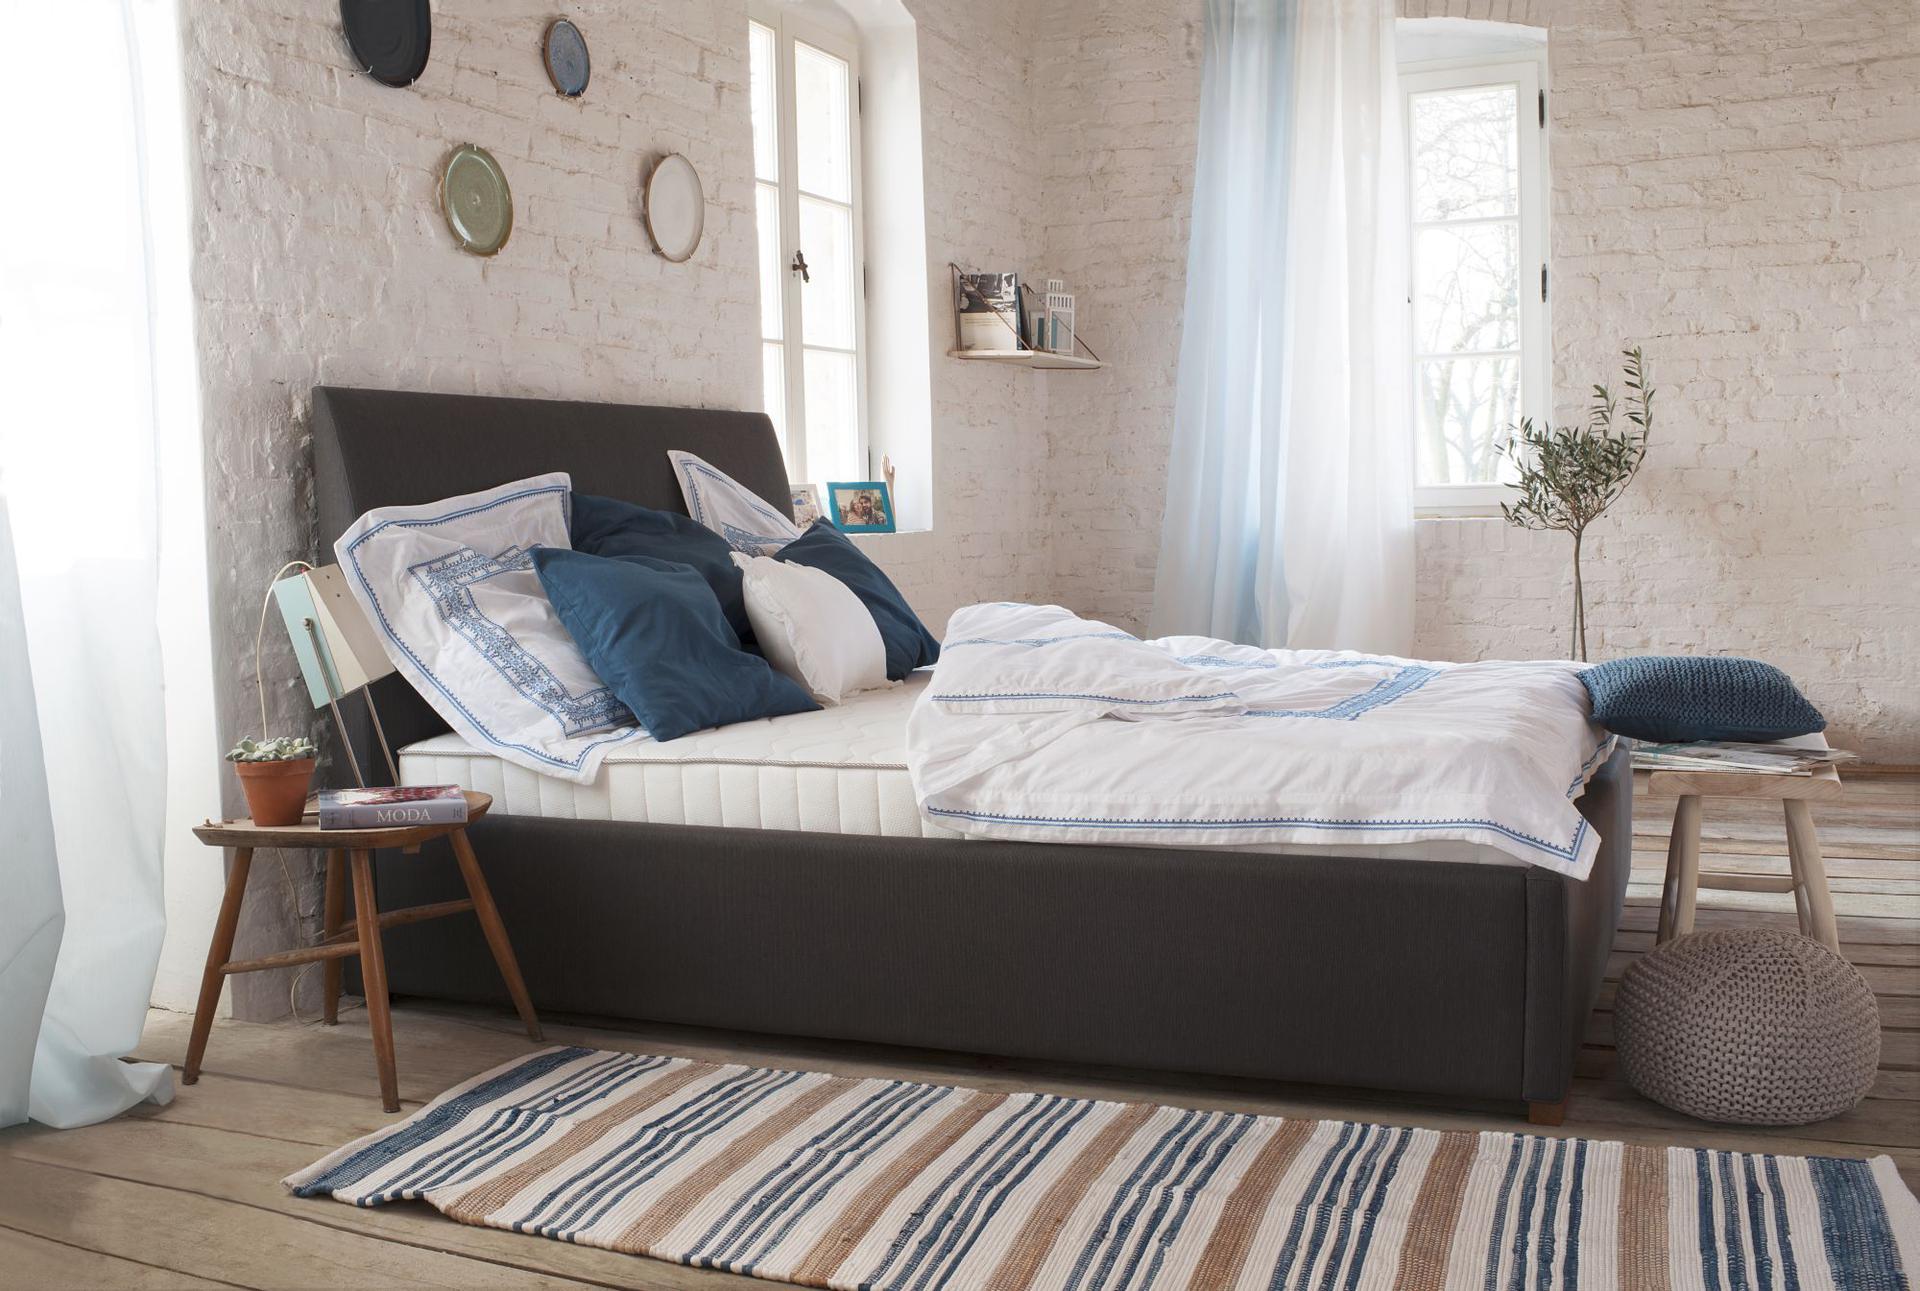 Jakie Powinno Być łóżko Dla Osoby Cierpiącej Na Alergię